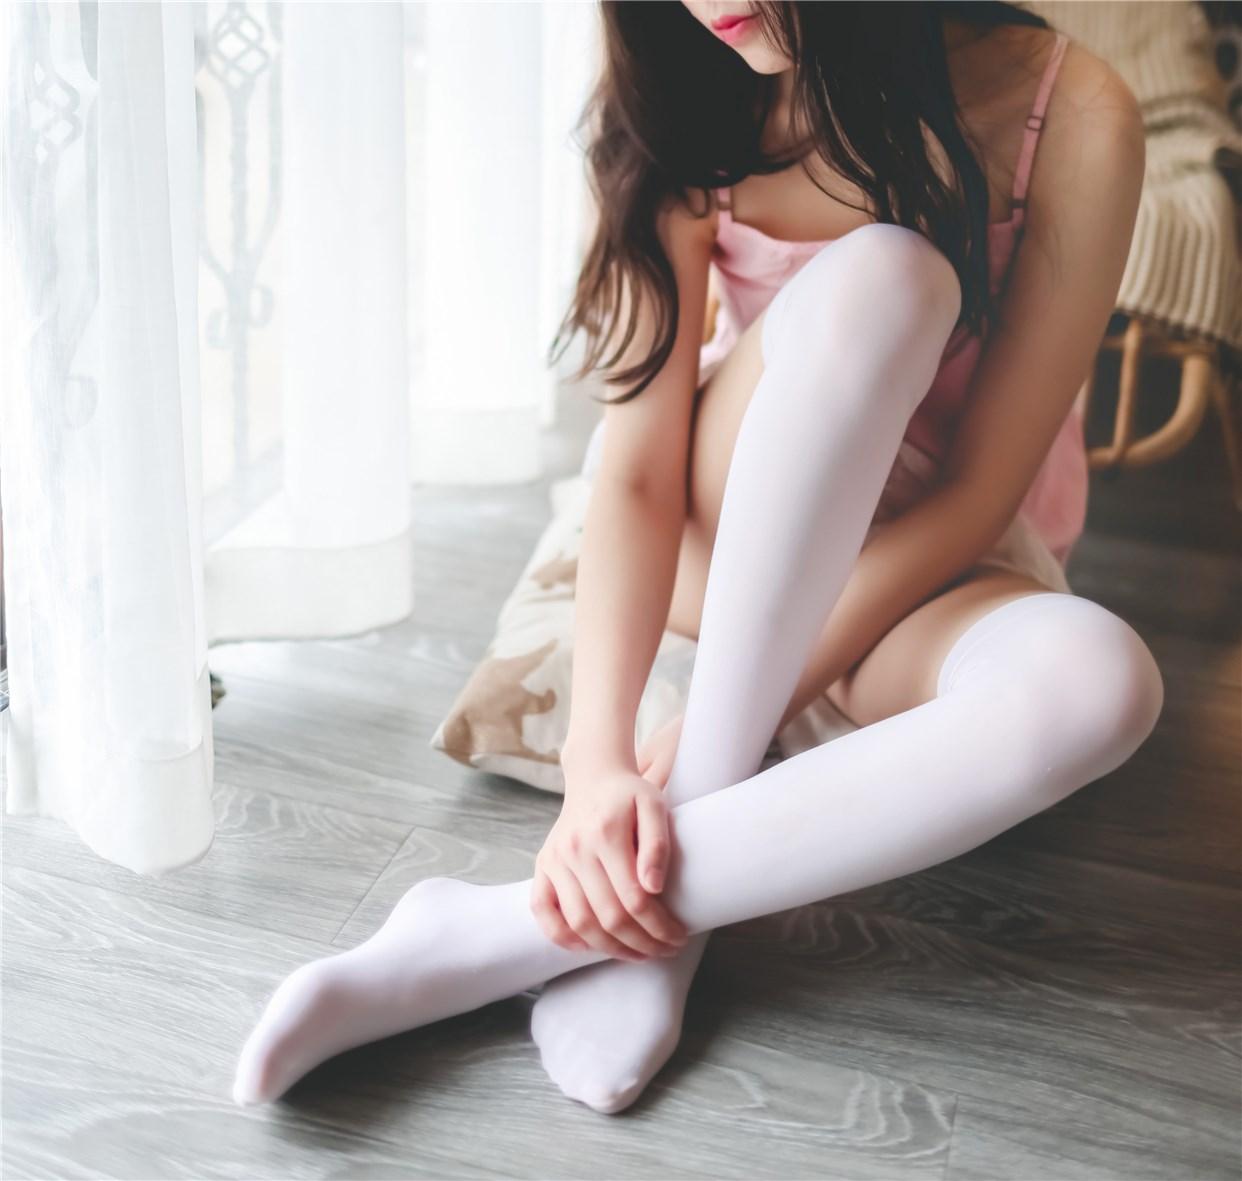 【兔玩映画】粉色小裙子 兔玩映画 第4张